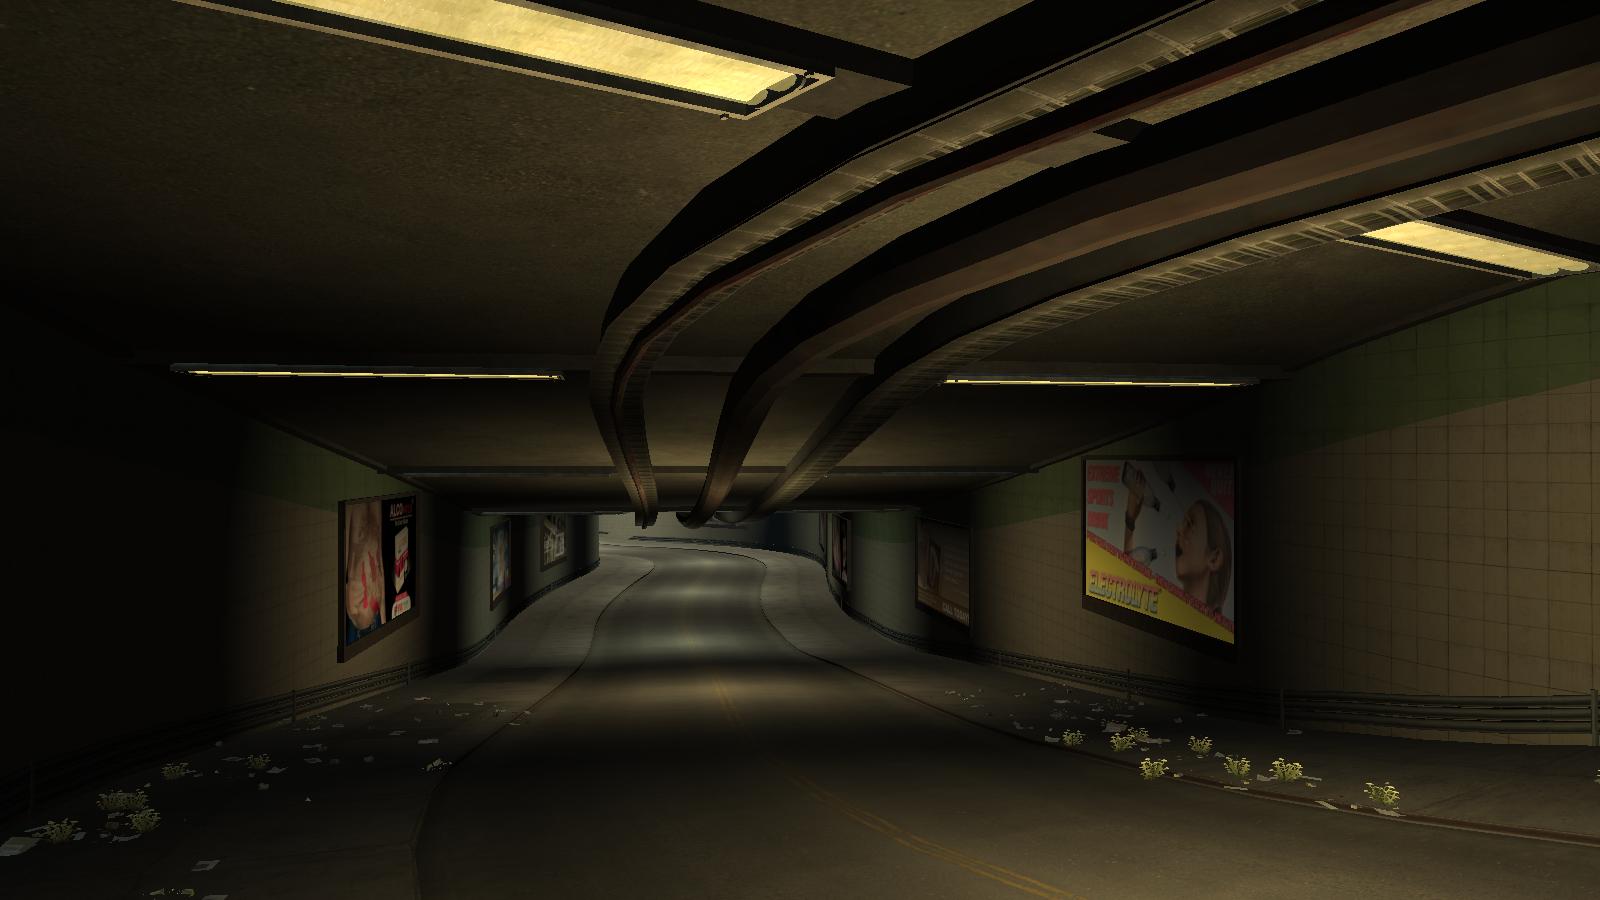 Broker-Dukes Tunnel